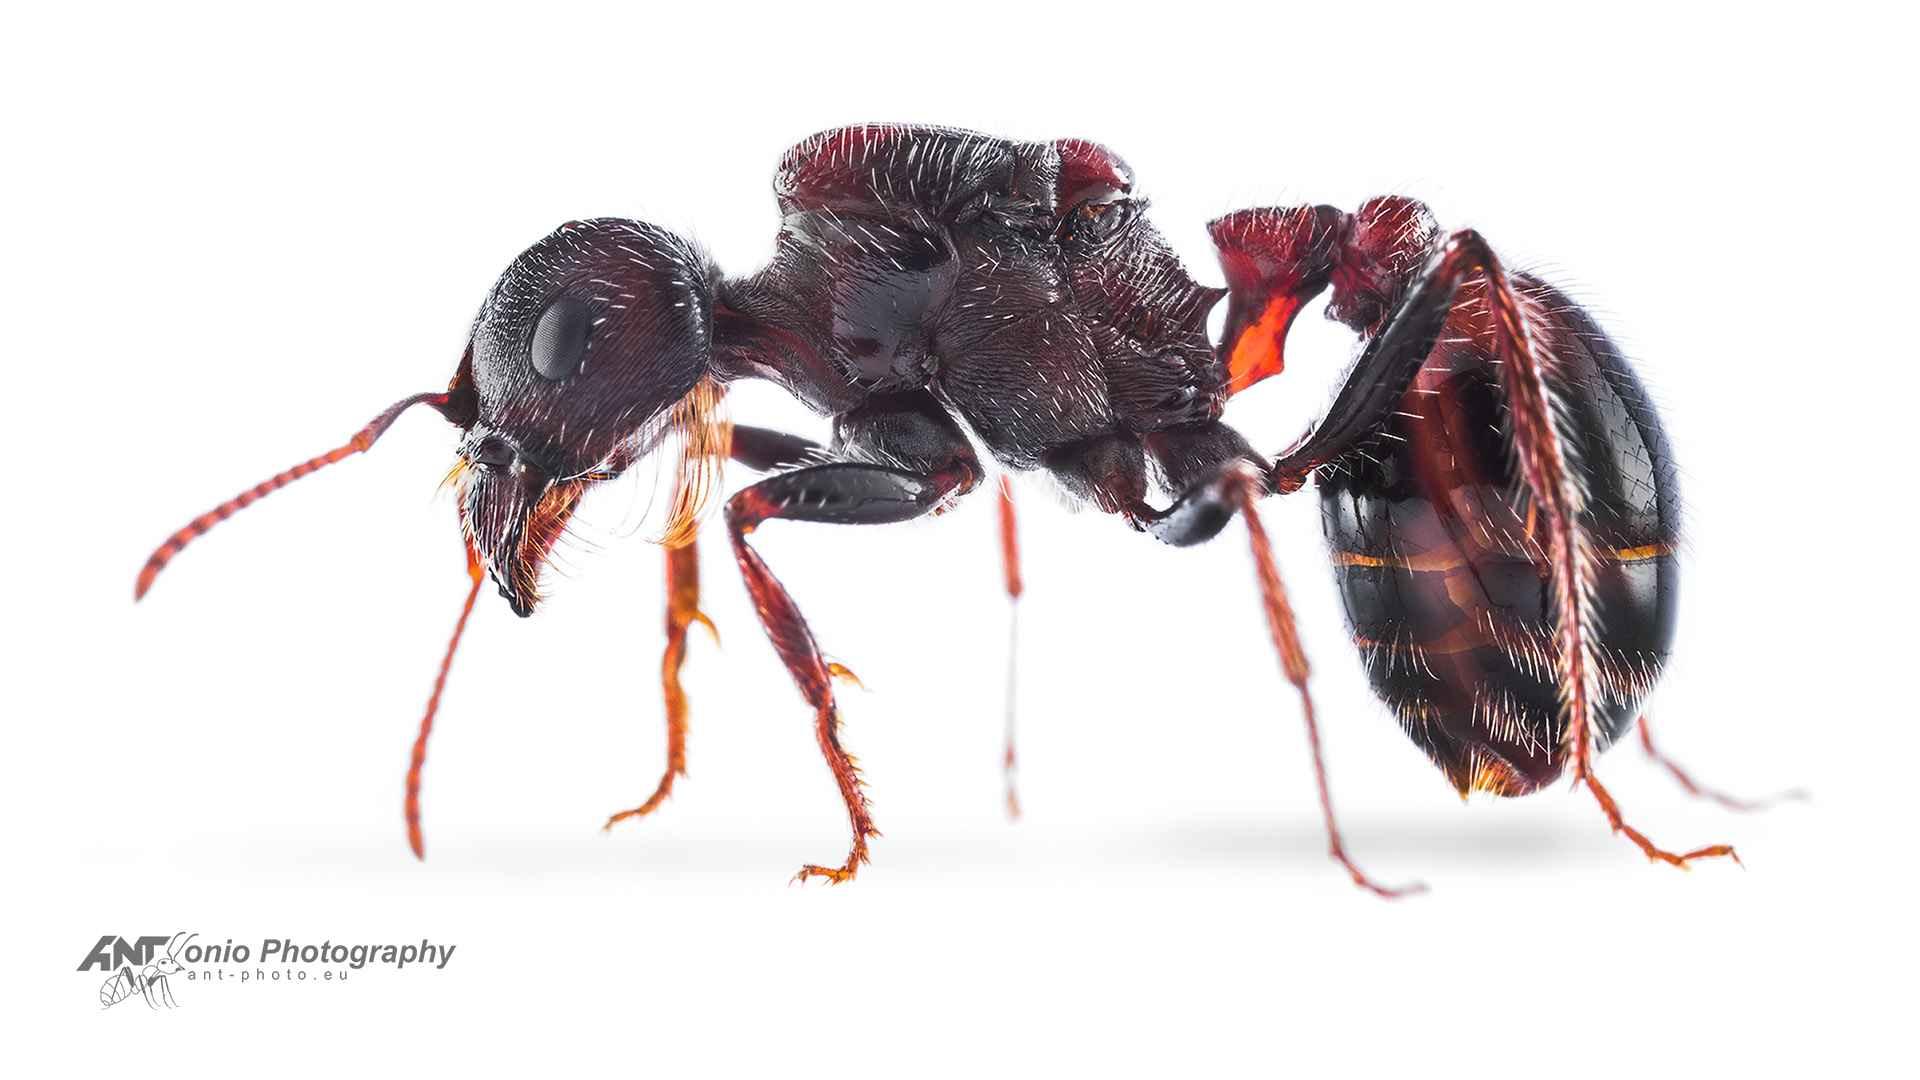 Ant Pogonomyrmex rugosus queen